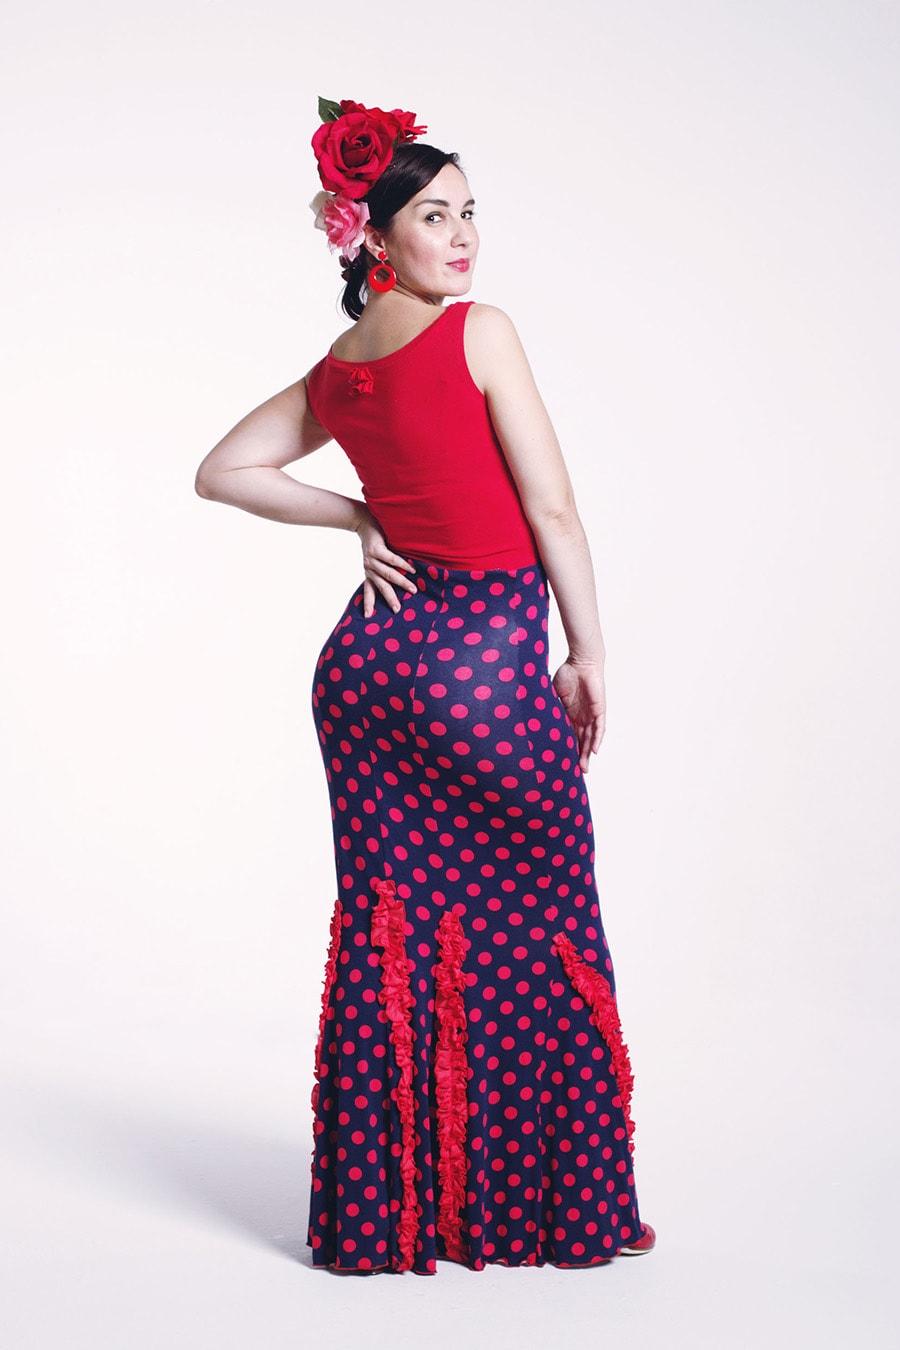 Flamenco skirt with polka dot print